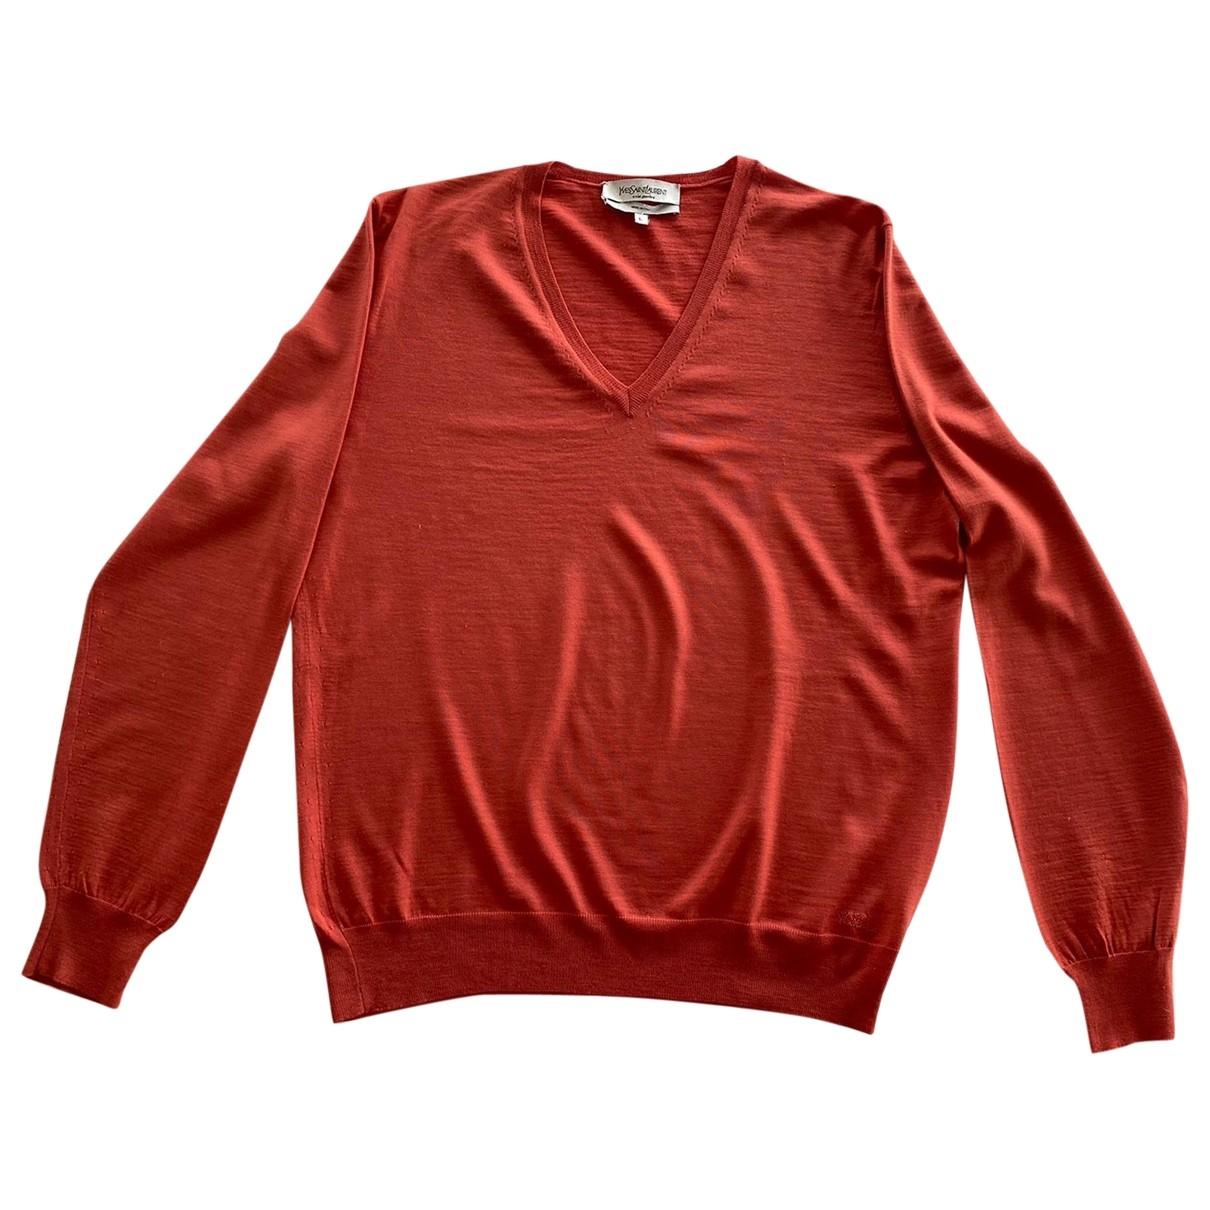 Yves Saint Laurent - Pulls.Gilets.Sweats   pour homme en laine - orange